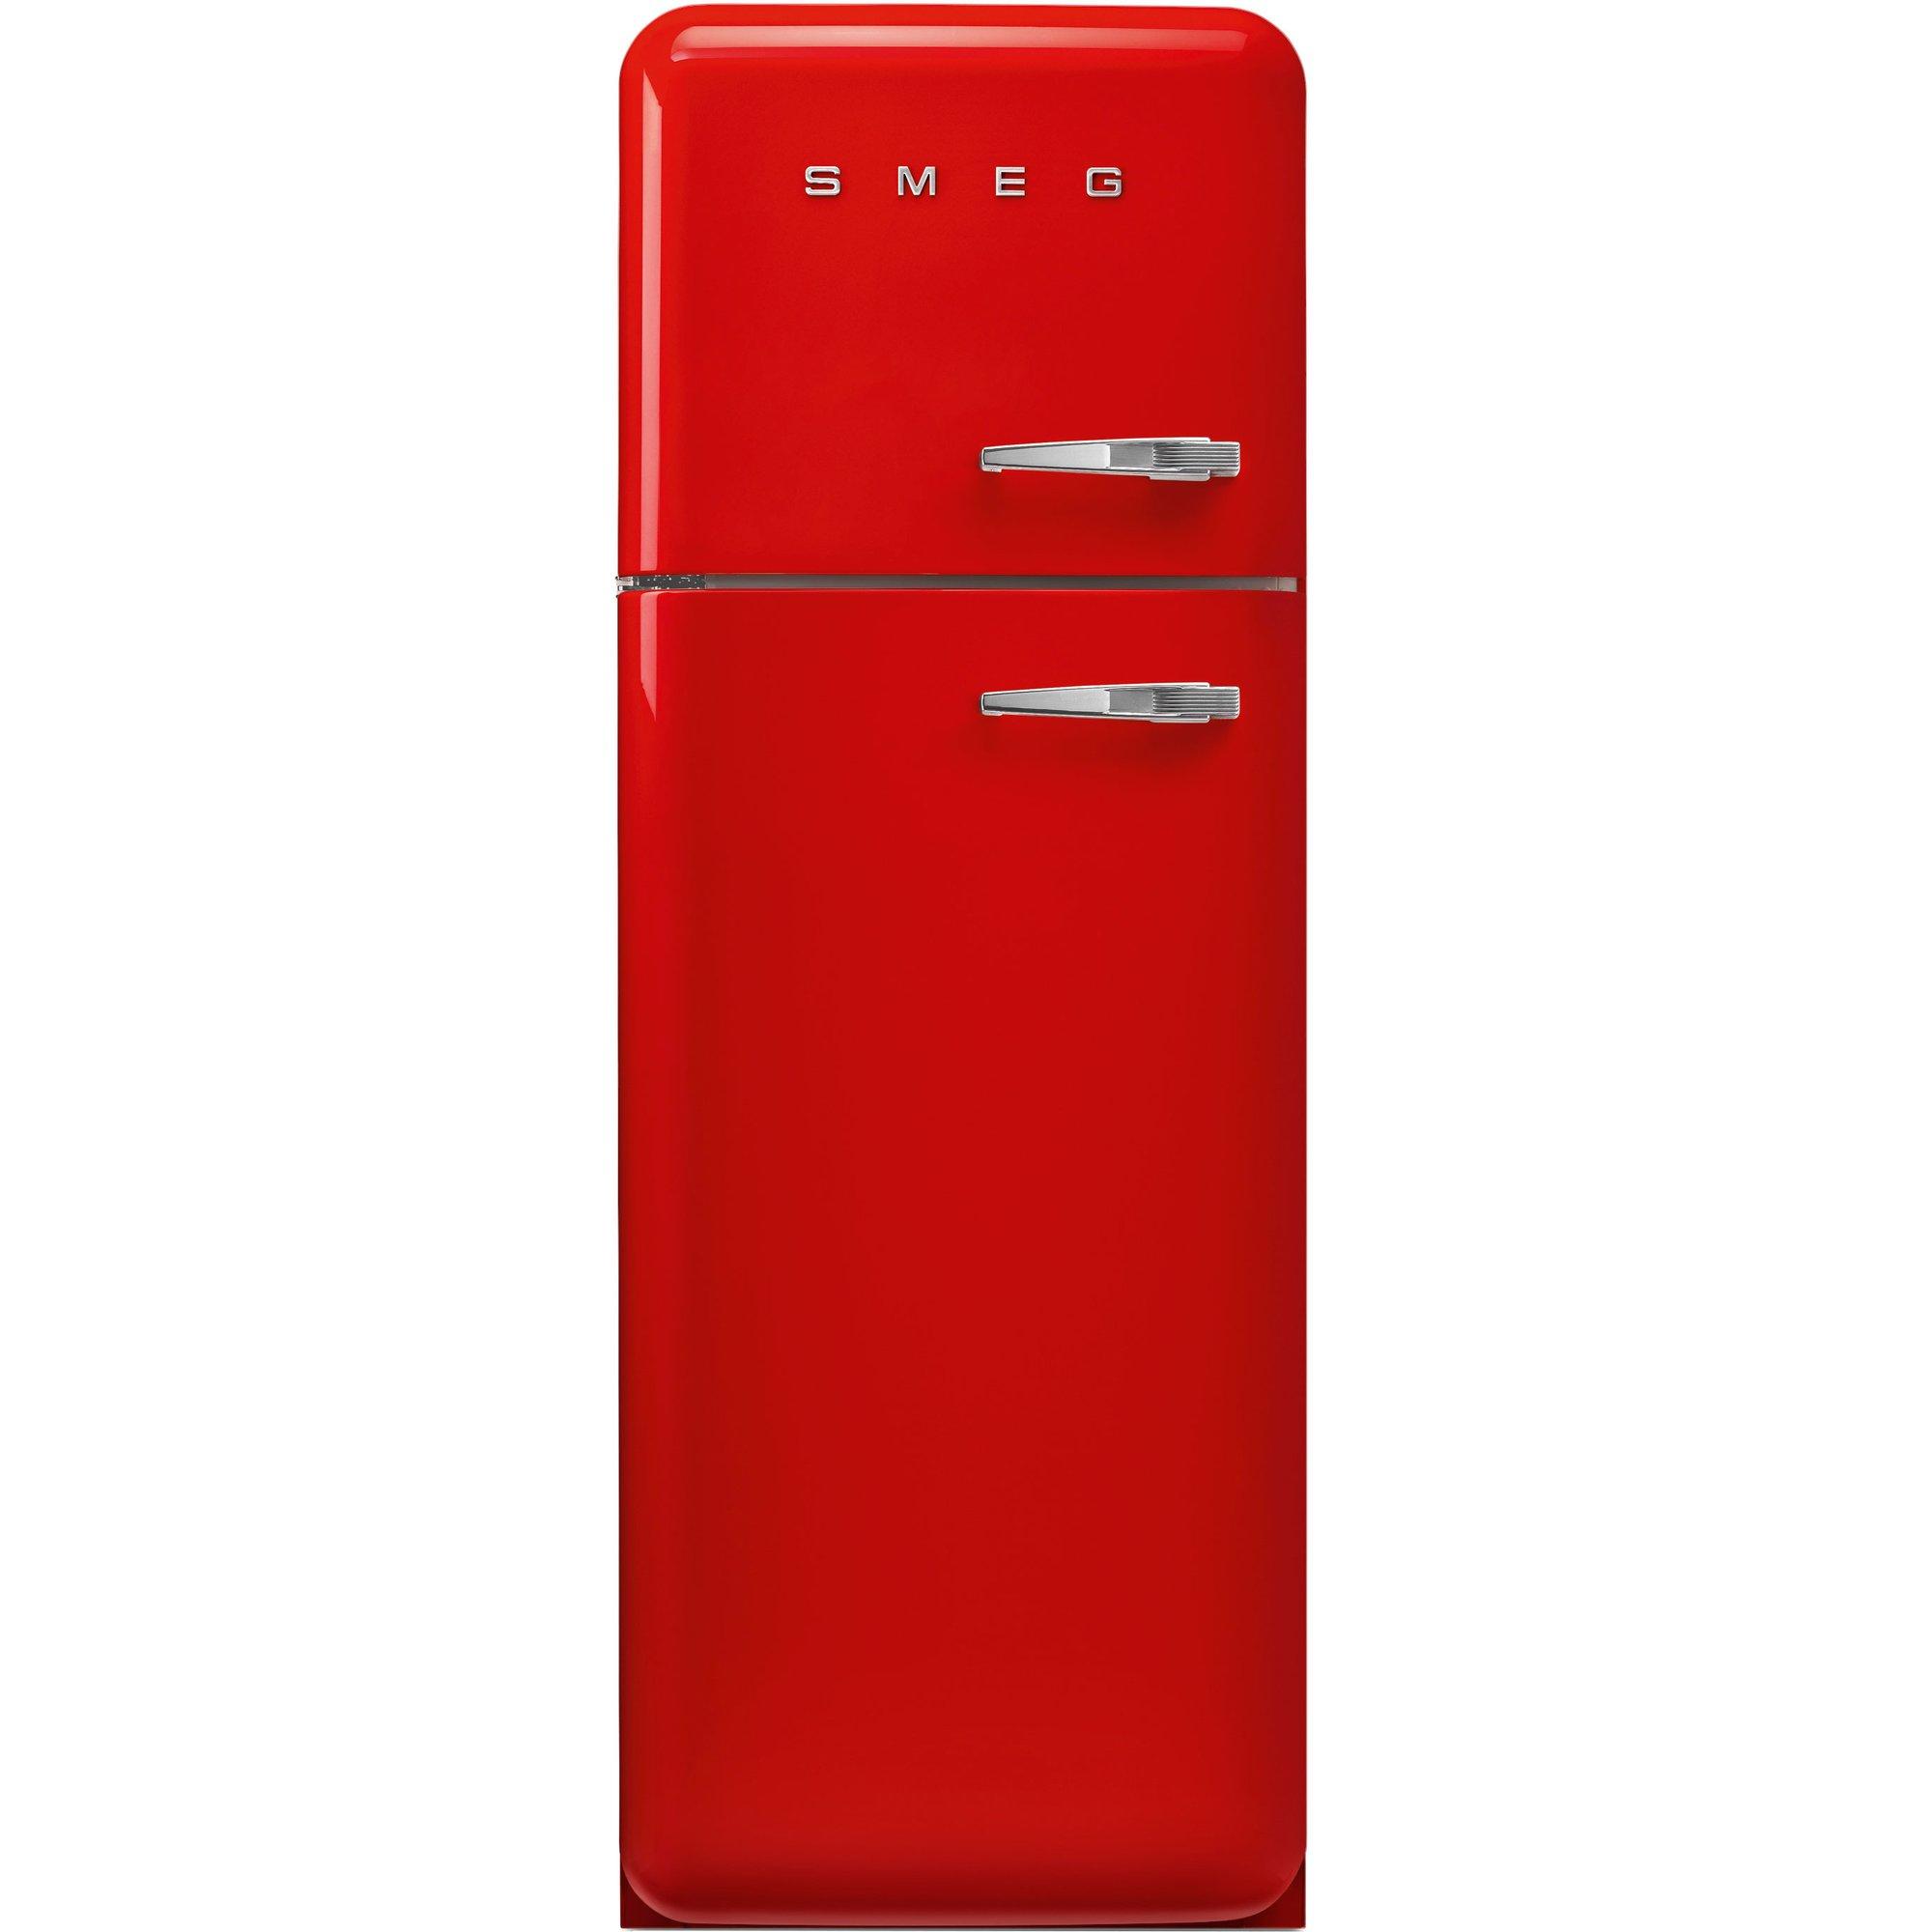 Smeg FAB30LRD5 Køle-/fryseskab rød